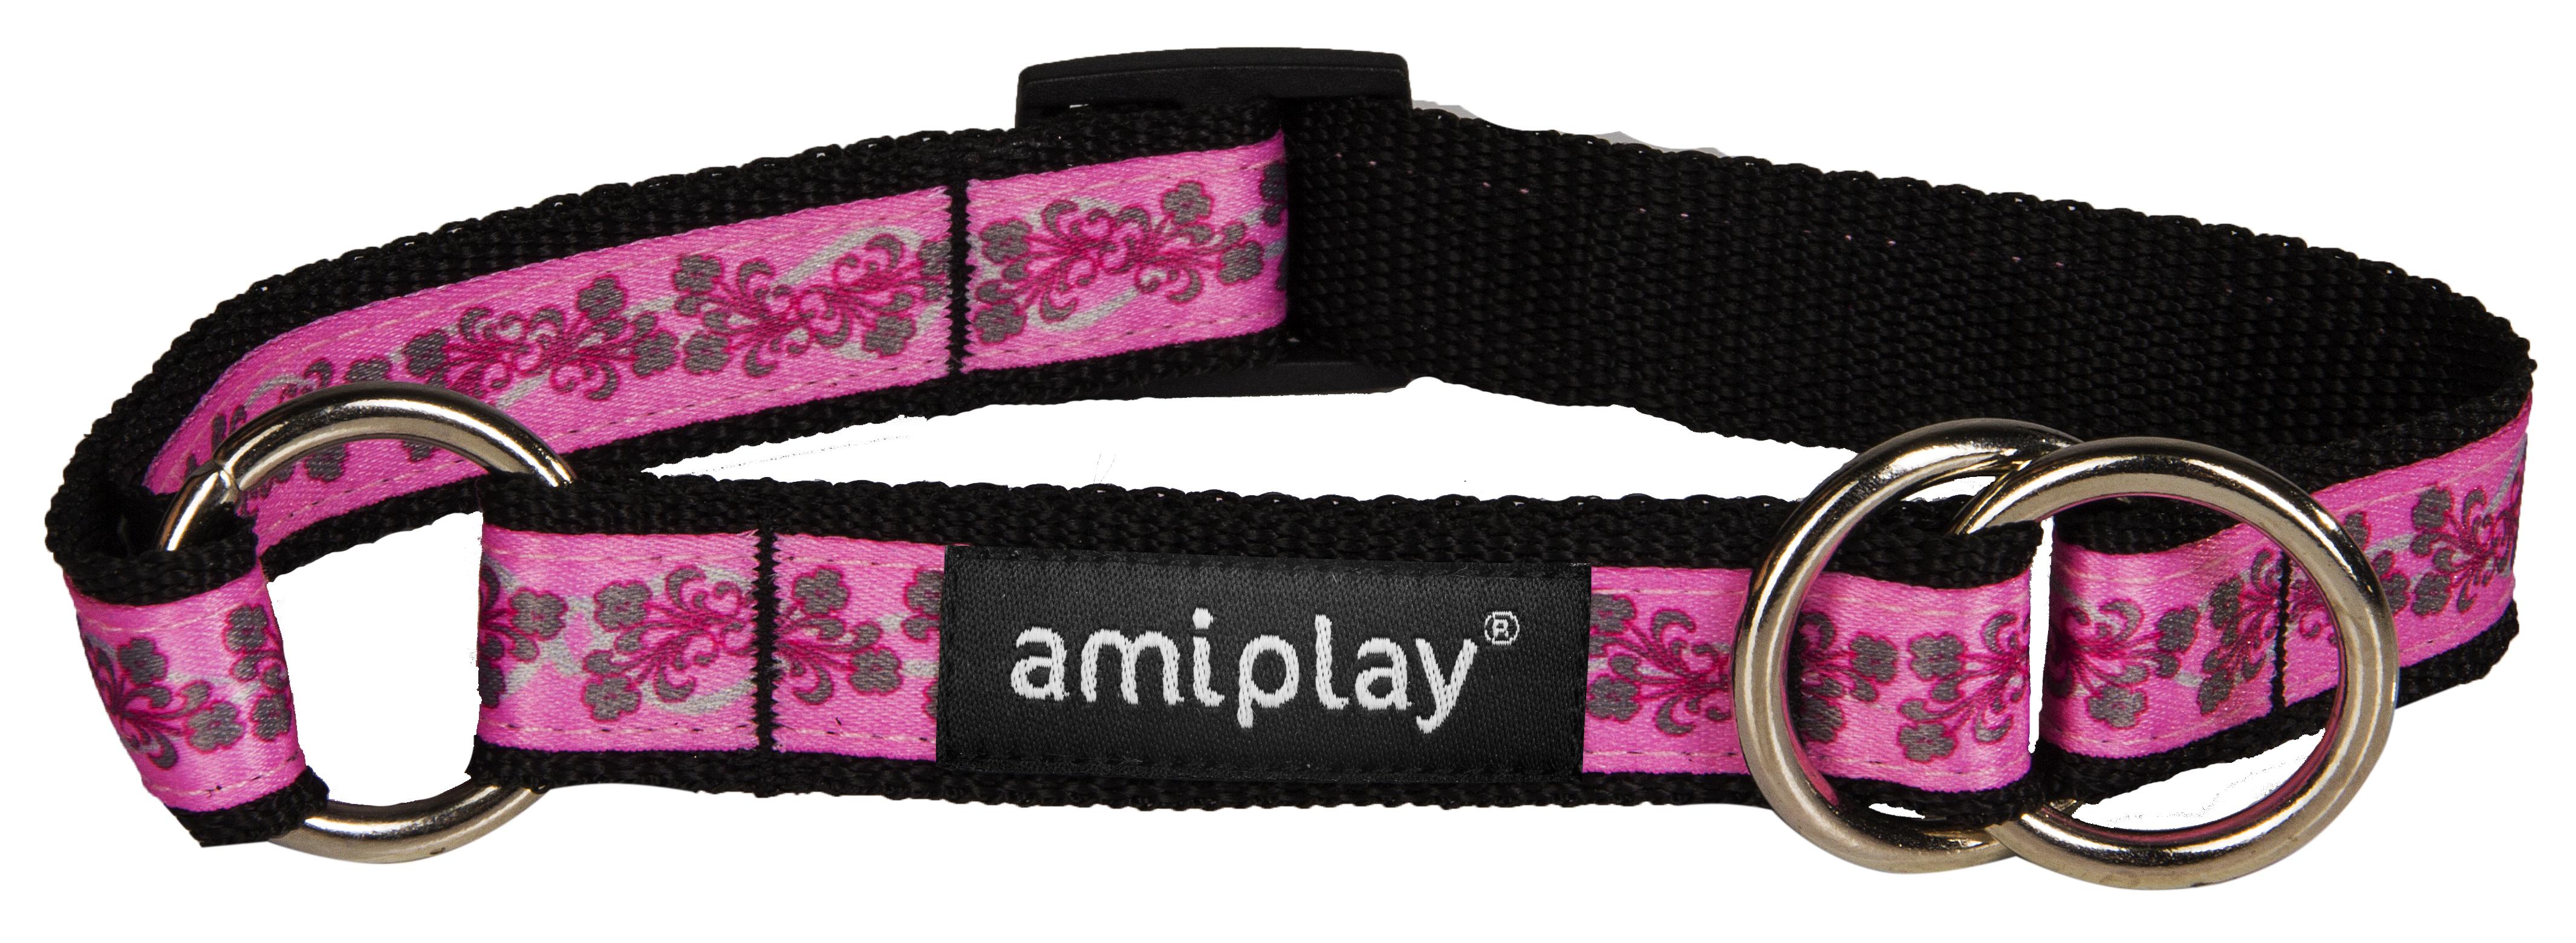 Obojek pro psa polostahovací nylonový - růžový se vzorem květina - 2,5 x 34 - 55 cm